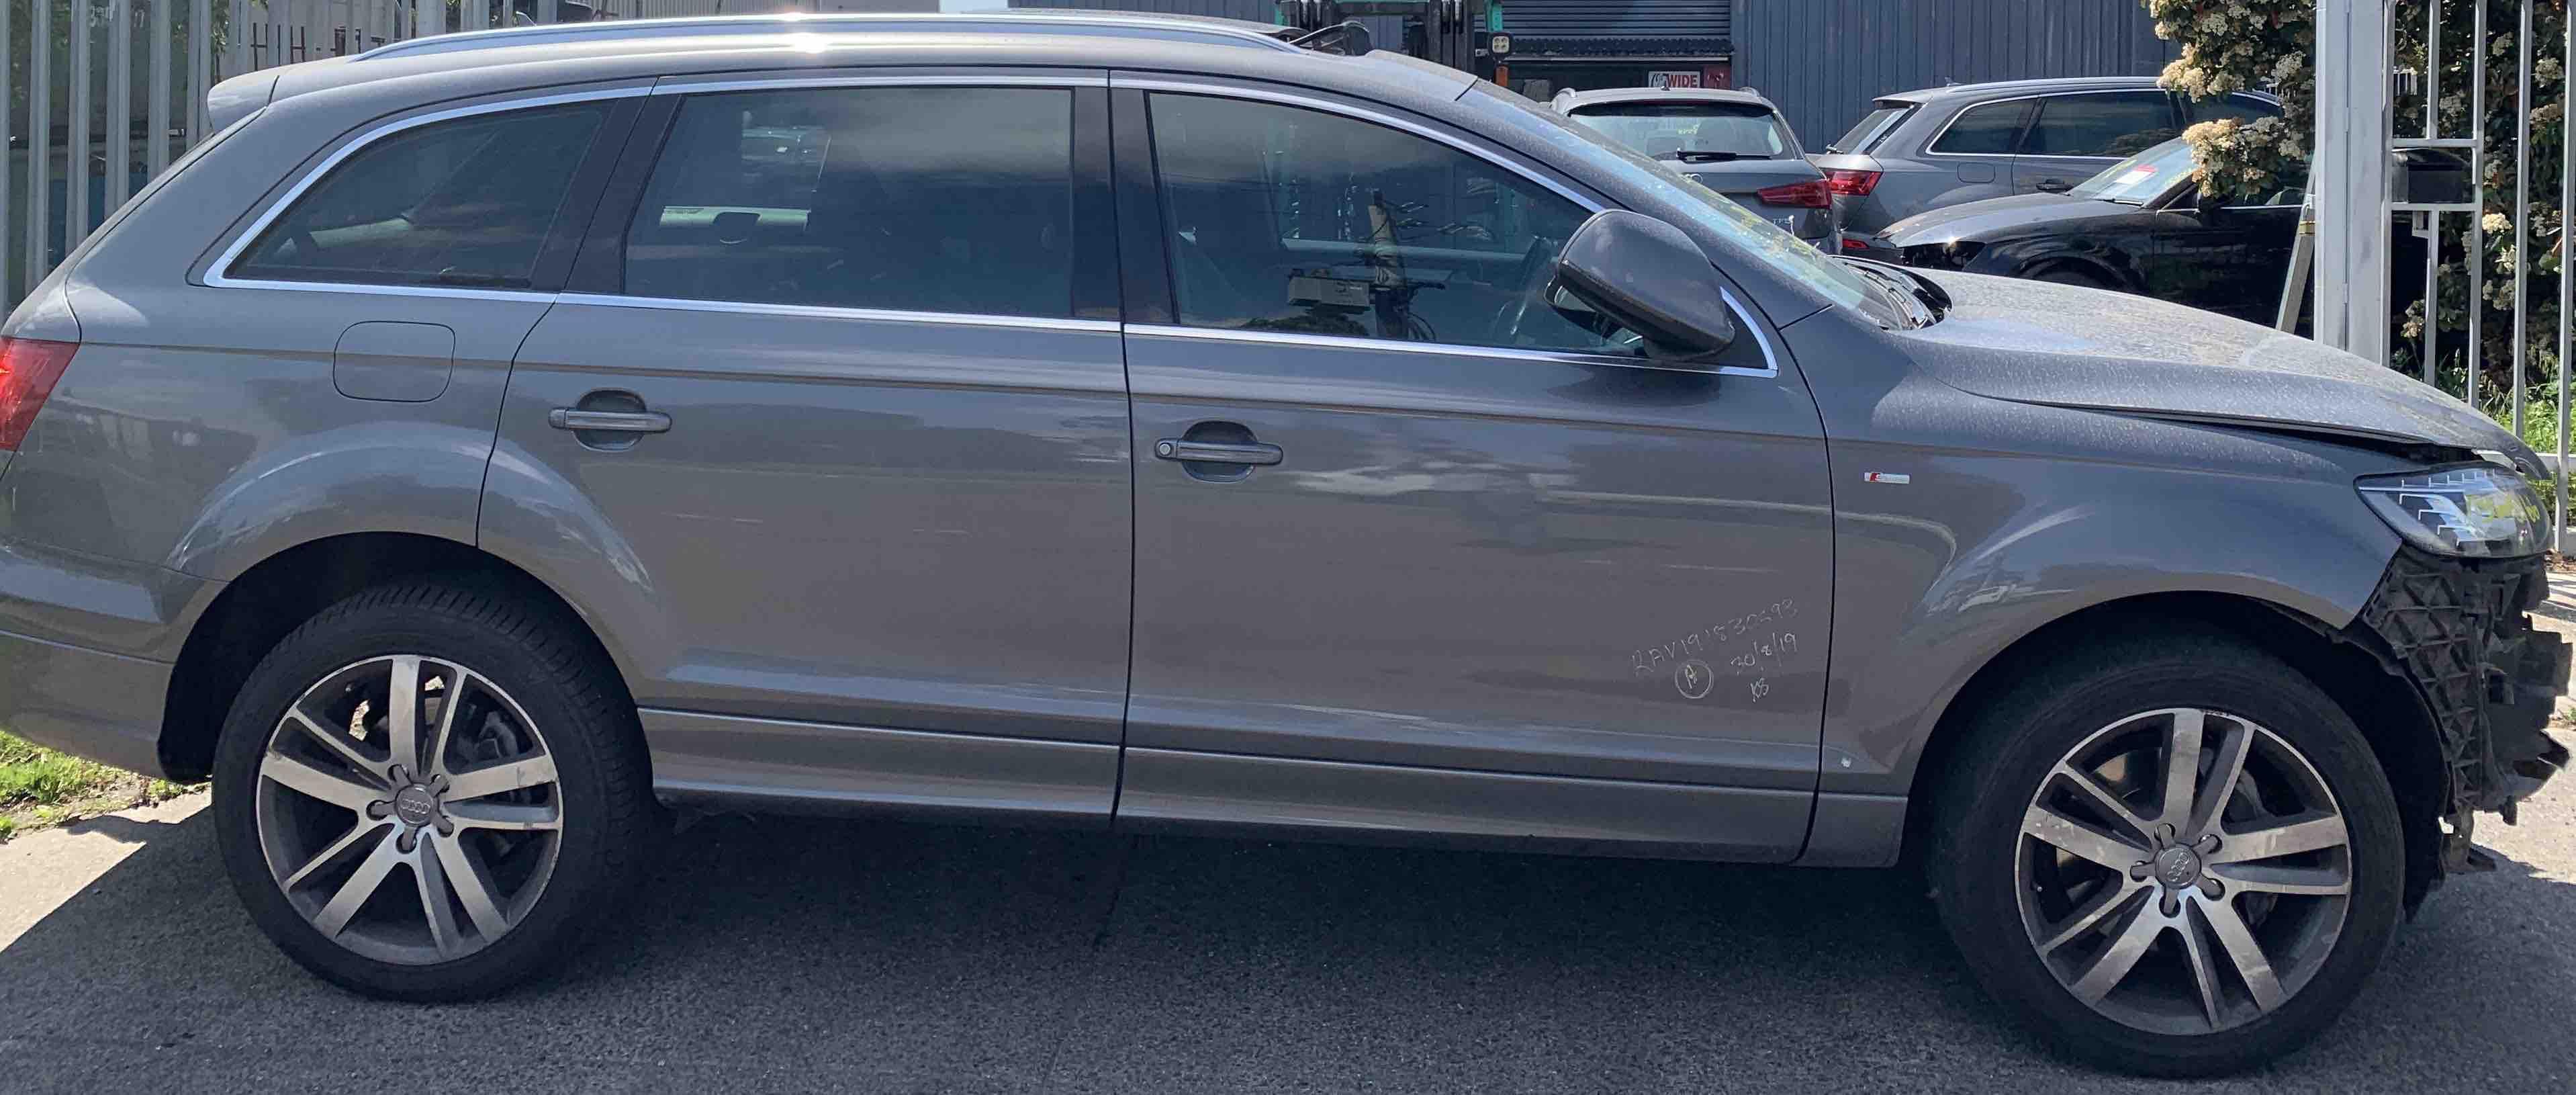 Wrecking Audi Q7 2009